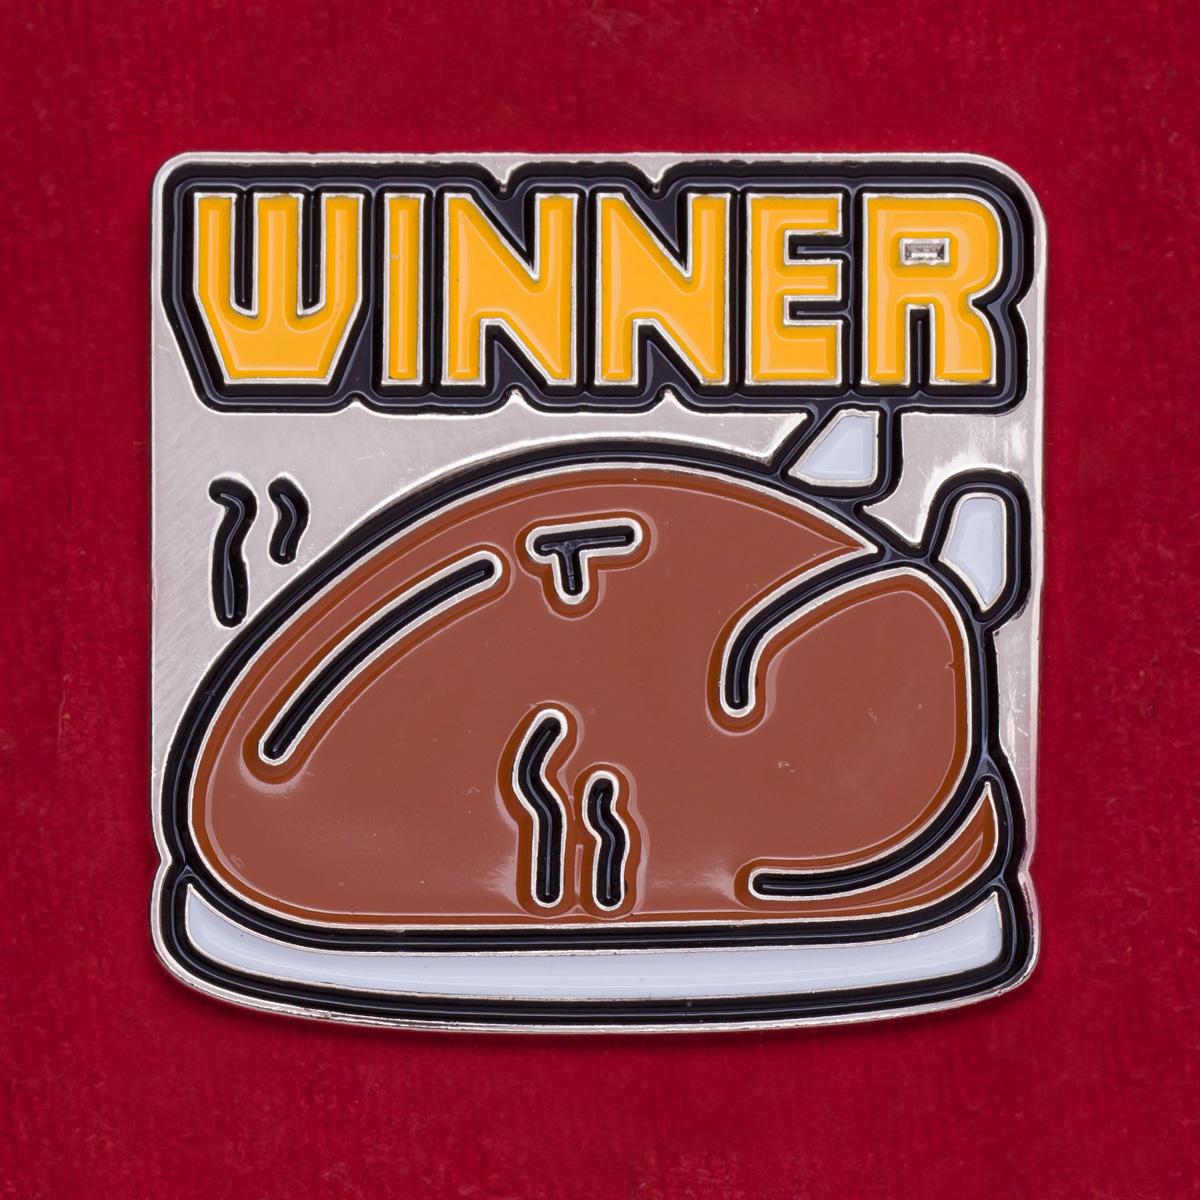 """Значок с американским мемом """"Выигрыш есть - можно поесть"""". На удачу в азартных играх"""